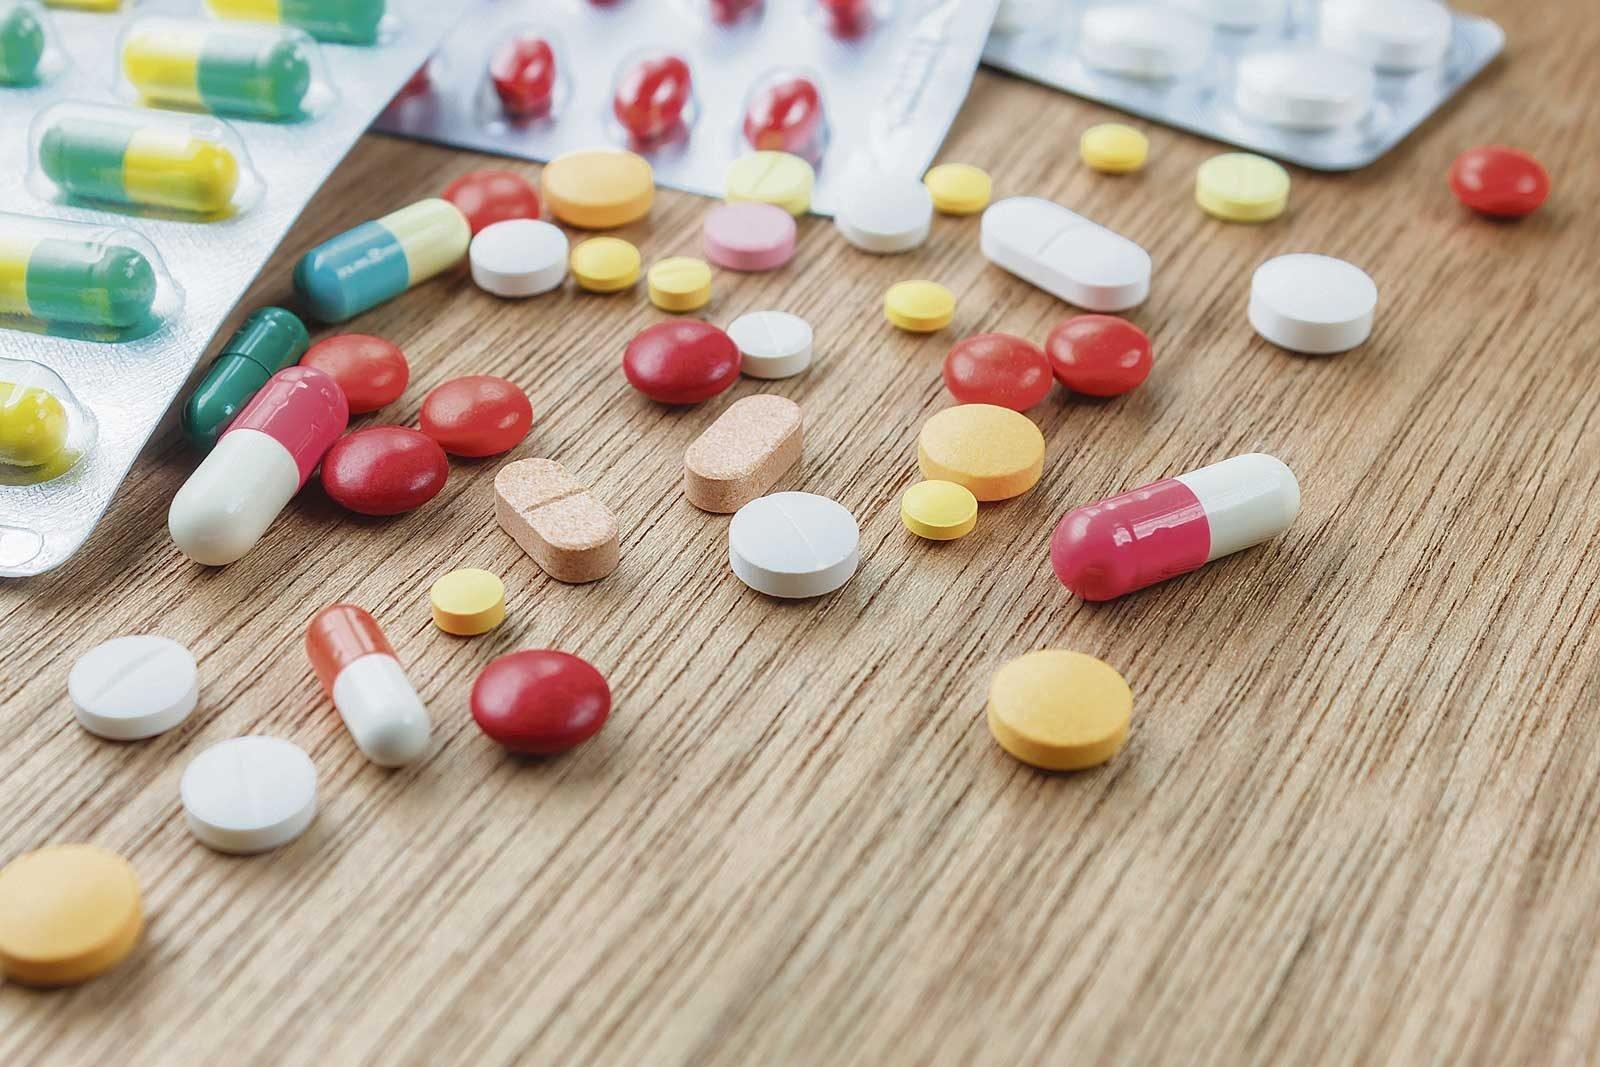 medicamente pentru dureri musculare și articulare boala articulației claviculare